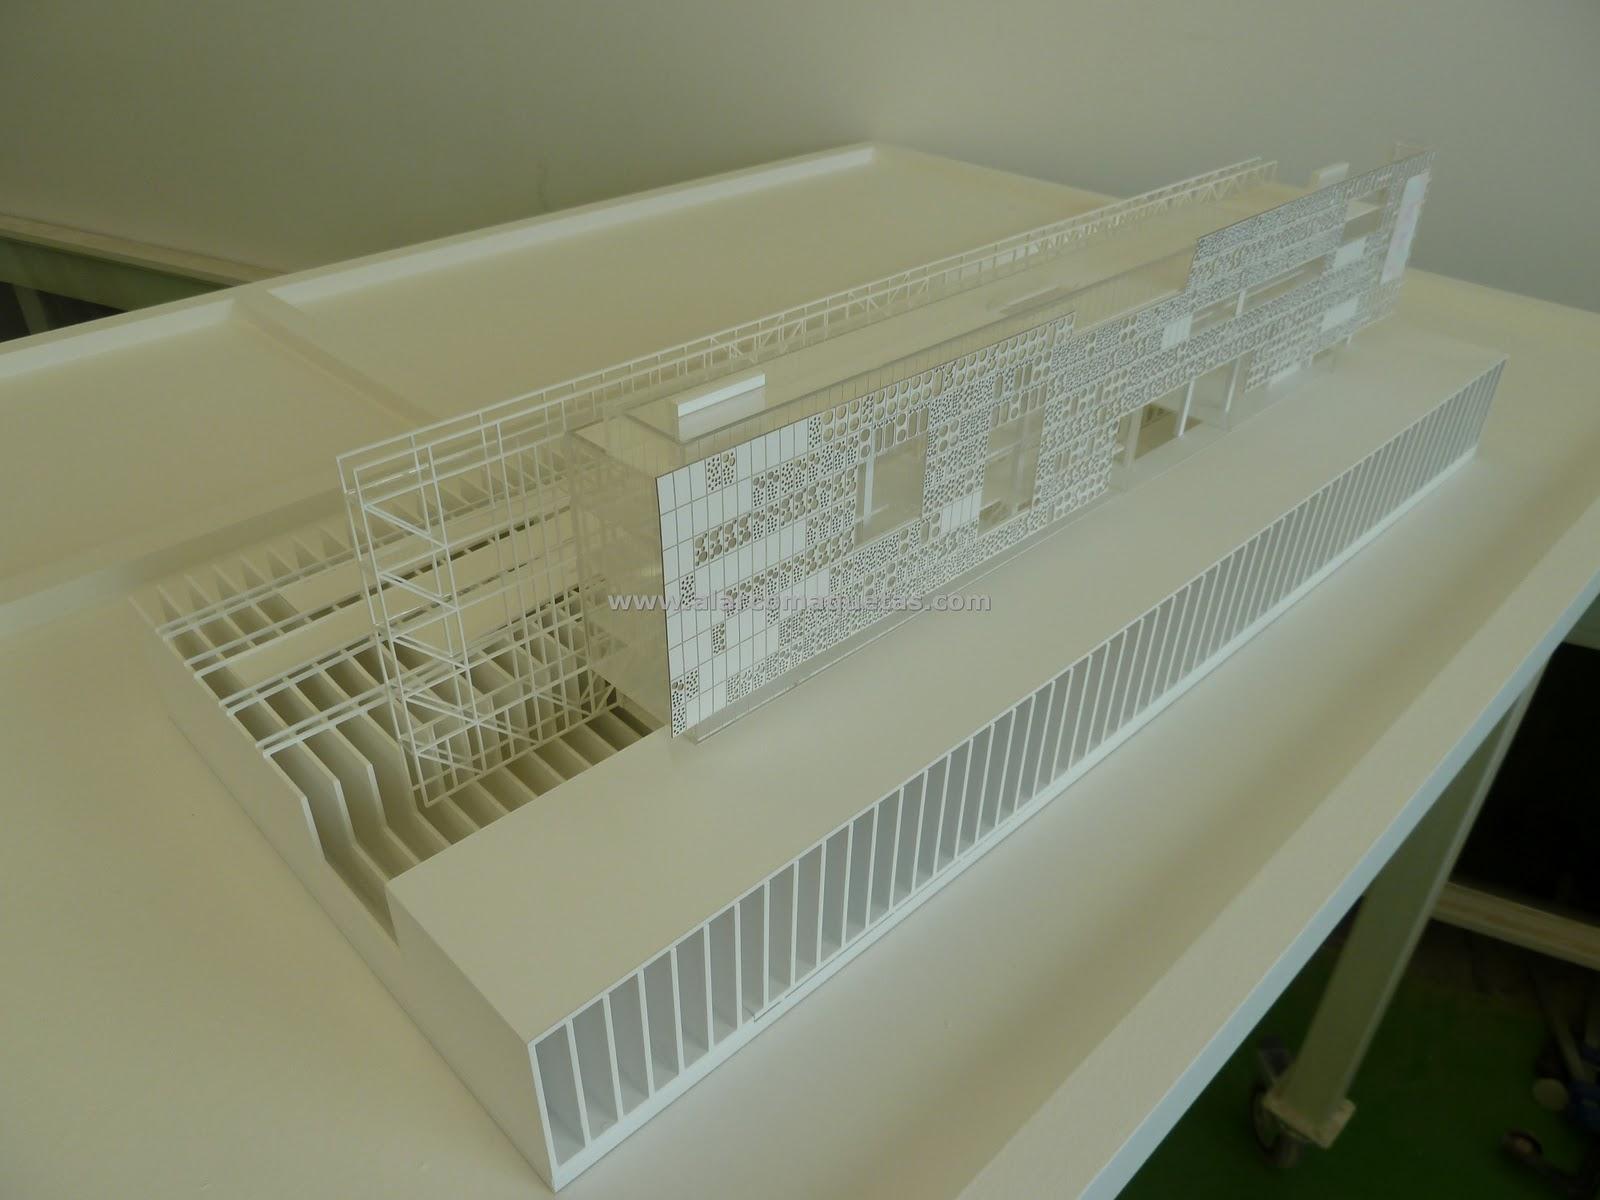 Maquetas de arquitectura hacemos realidad sus proyectos for Maquette d architecture